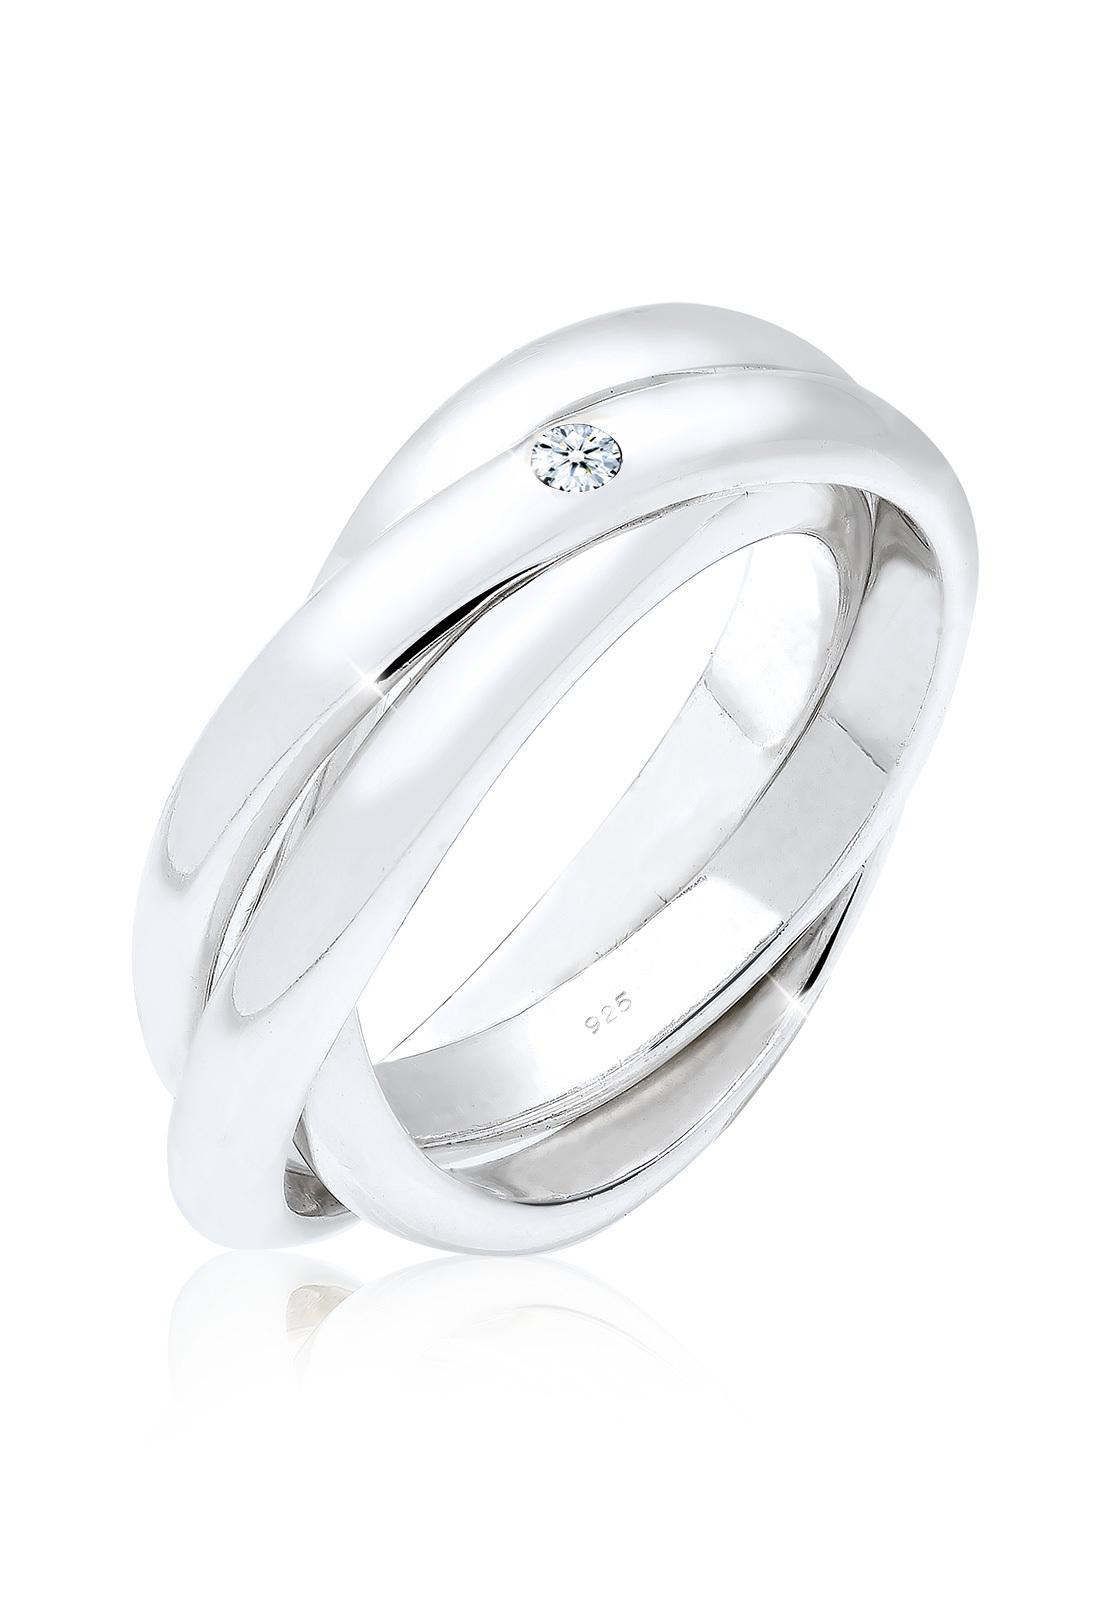 Verlobungsring   Diamant ( Weiß, 0,03 ct )   925er Sterling Silber